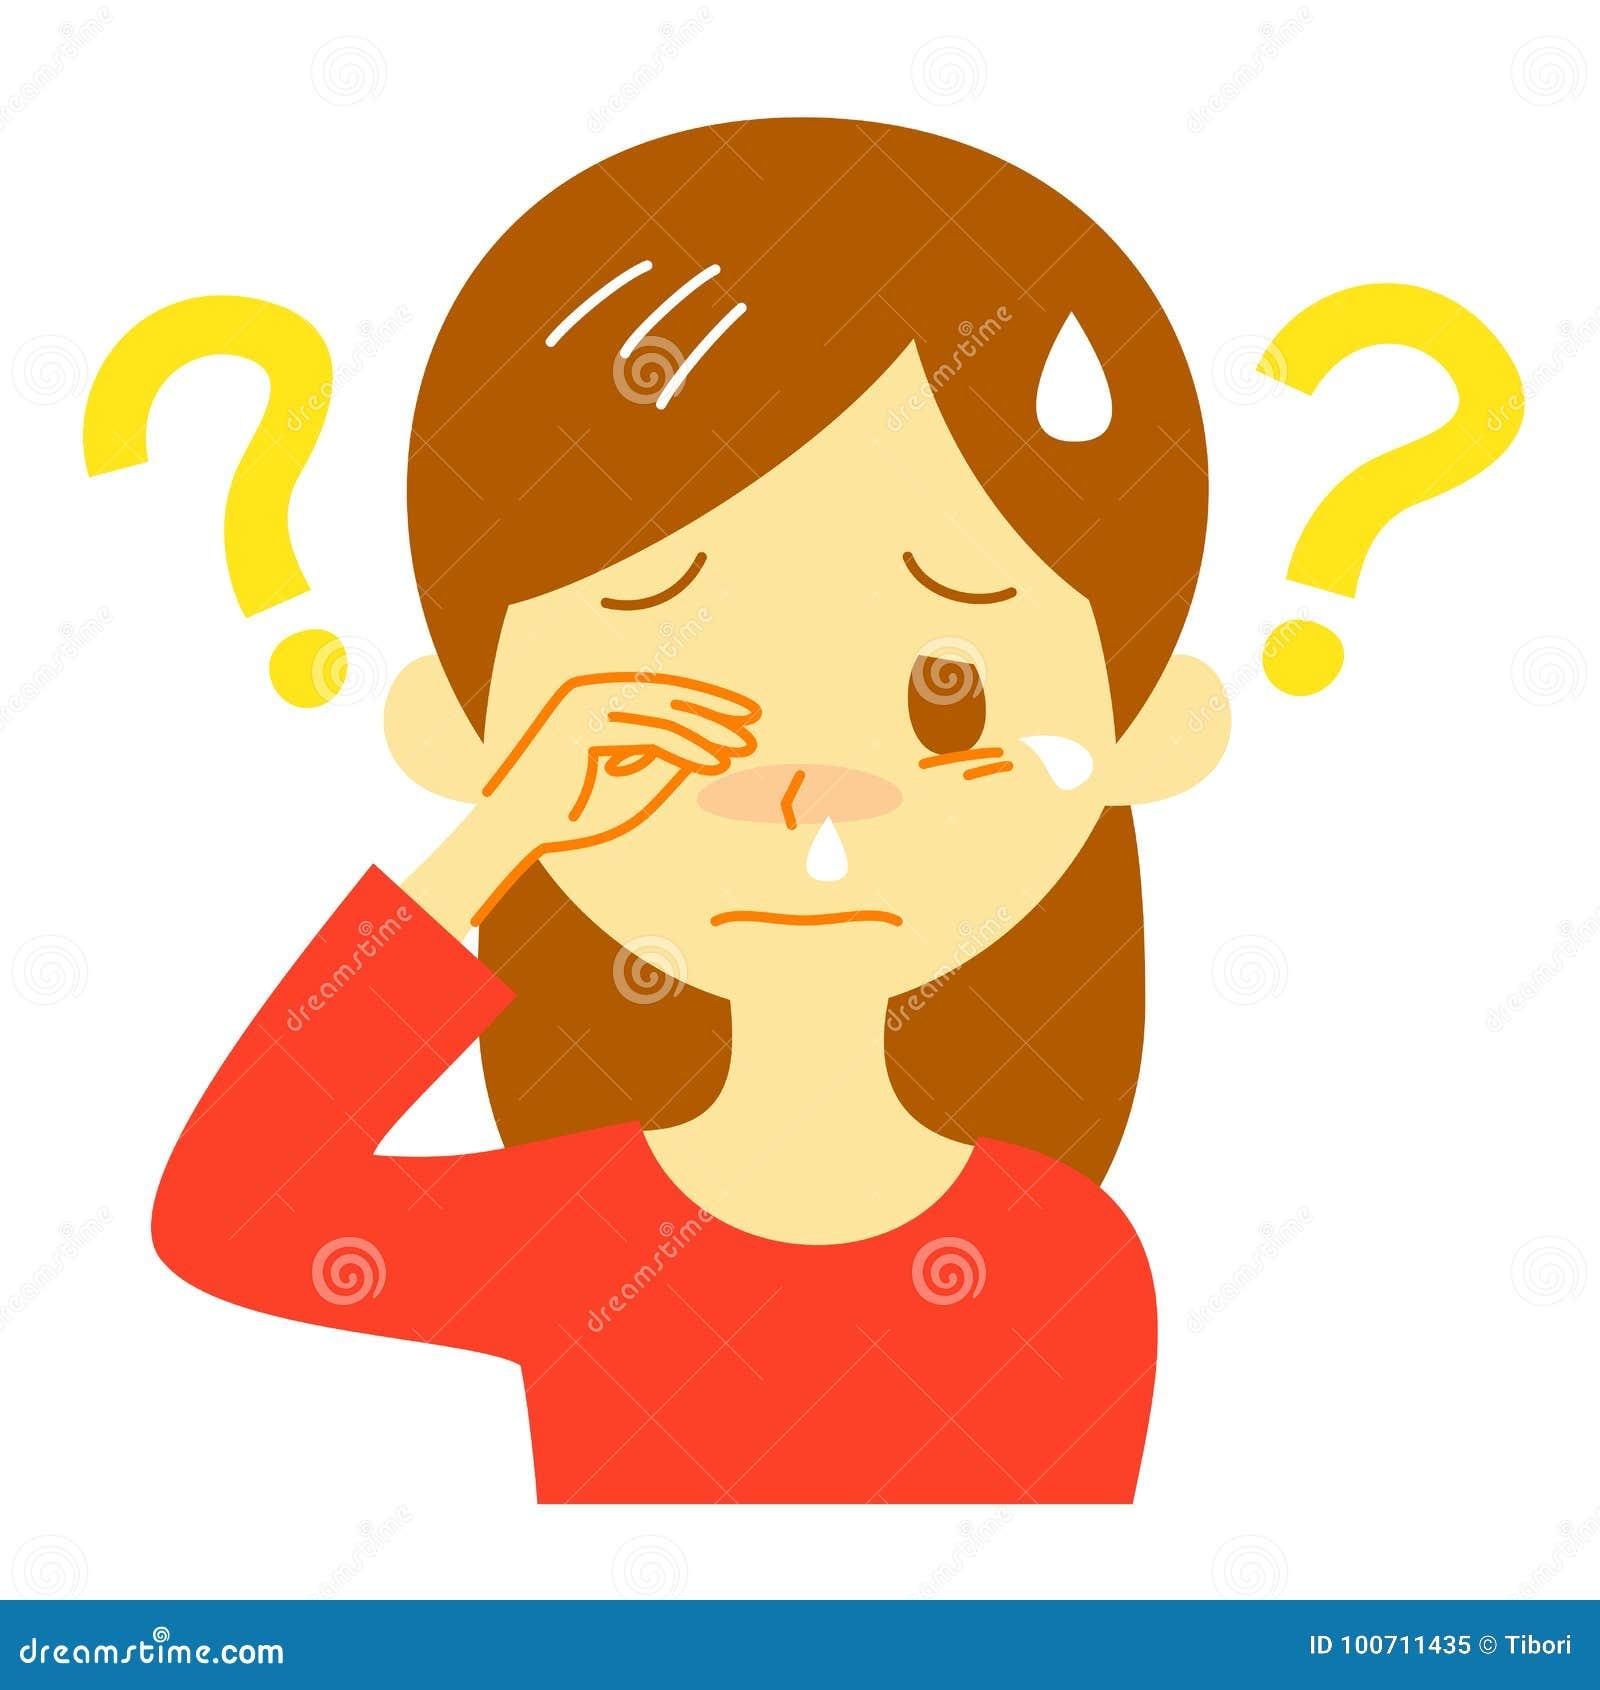 Alergia objaw, niewiadoma przyczyna, myśląca kobieta